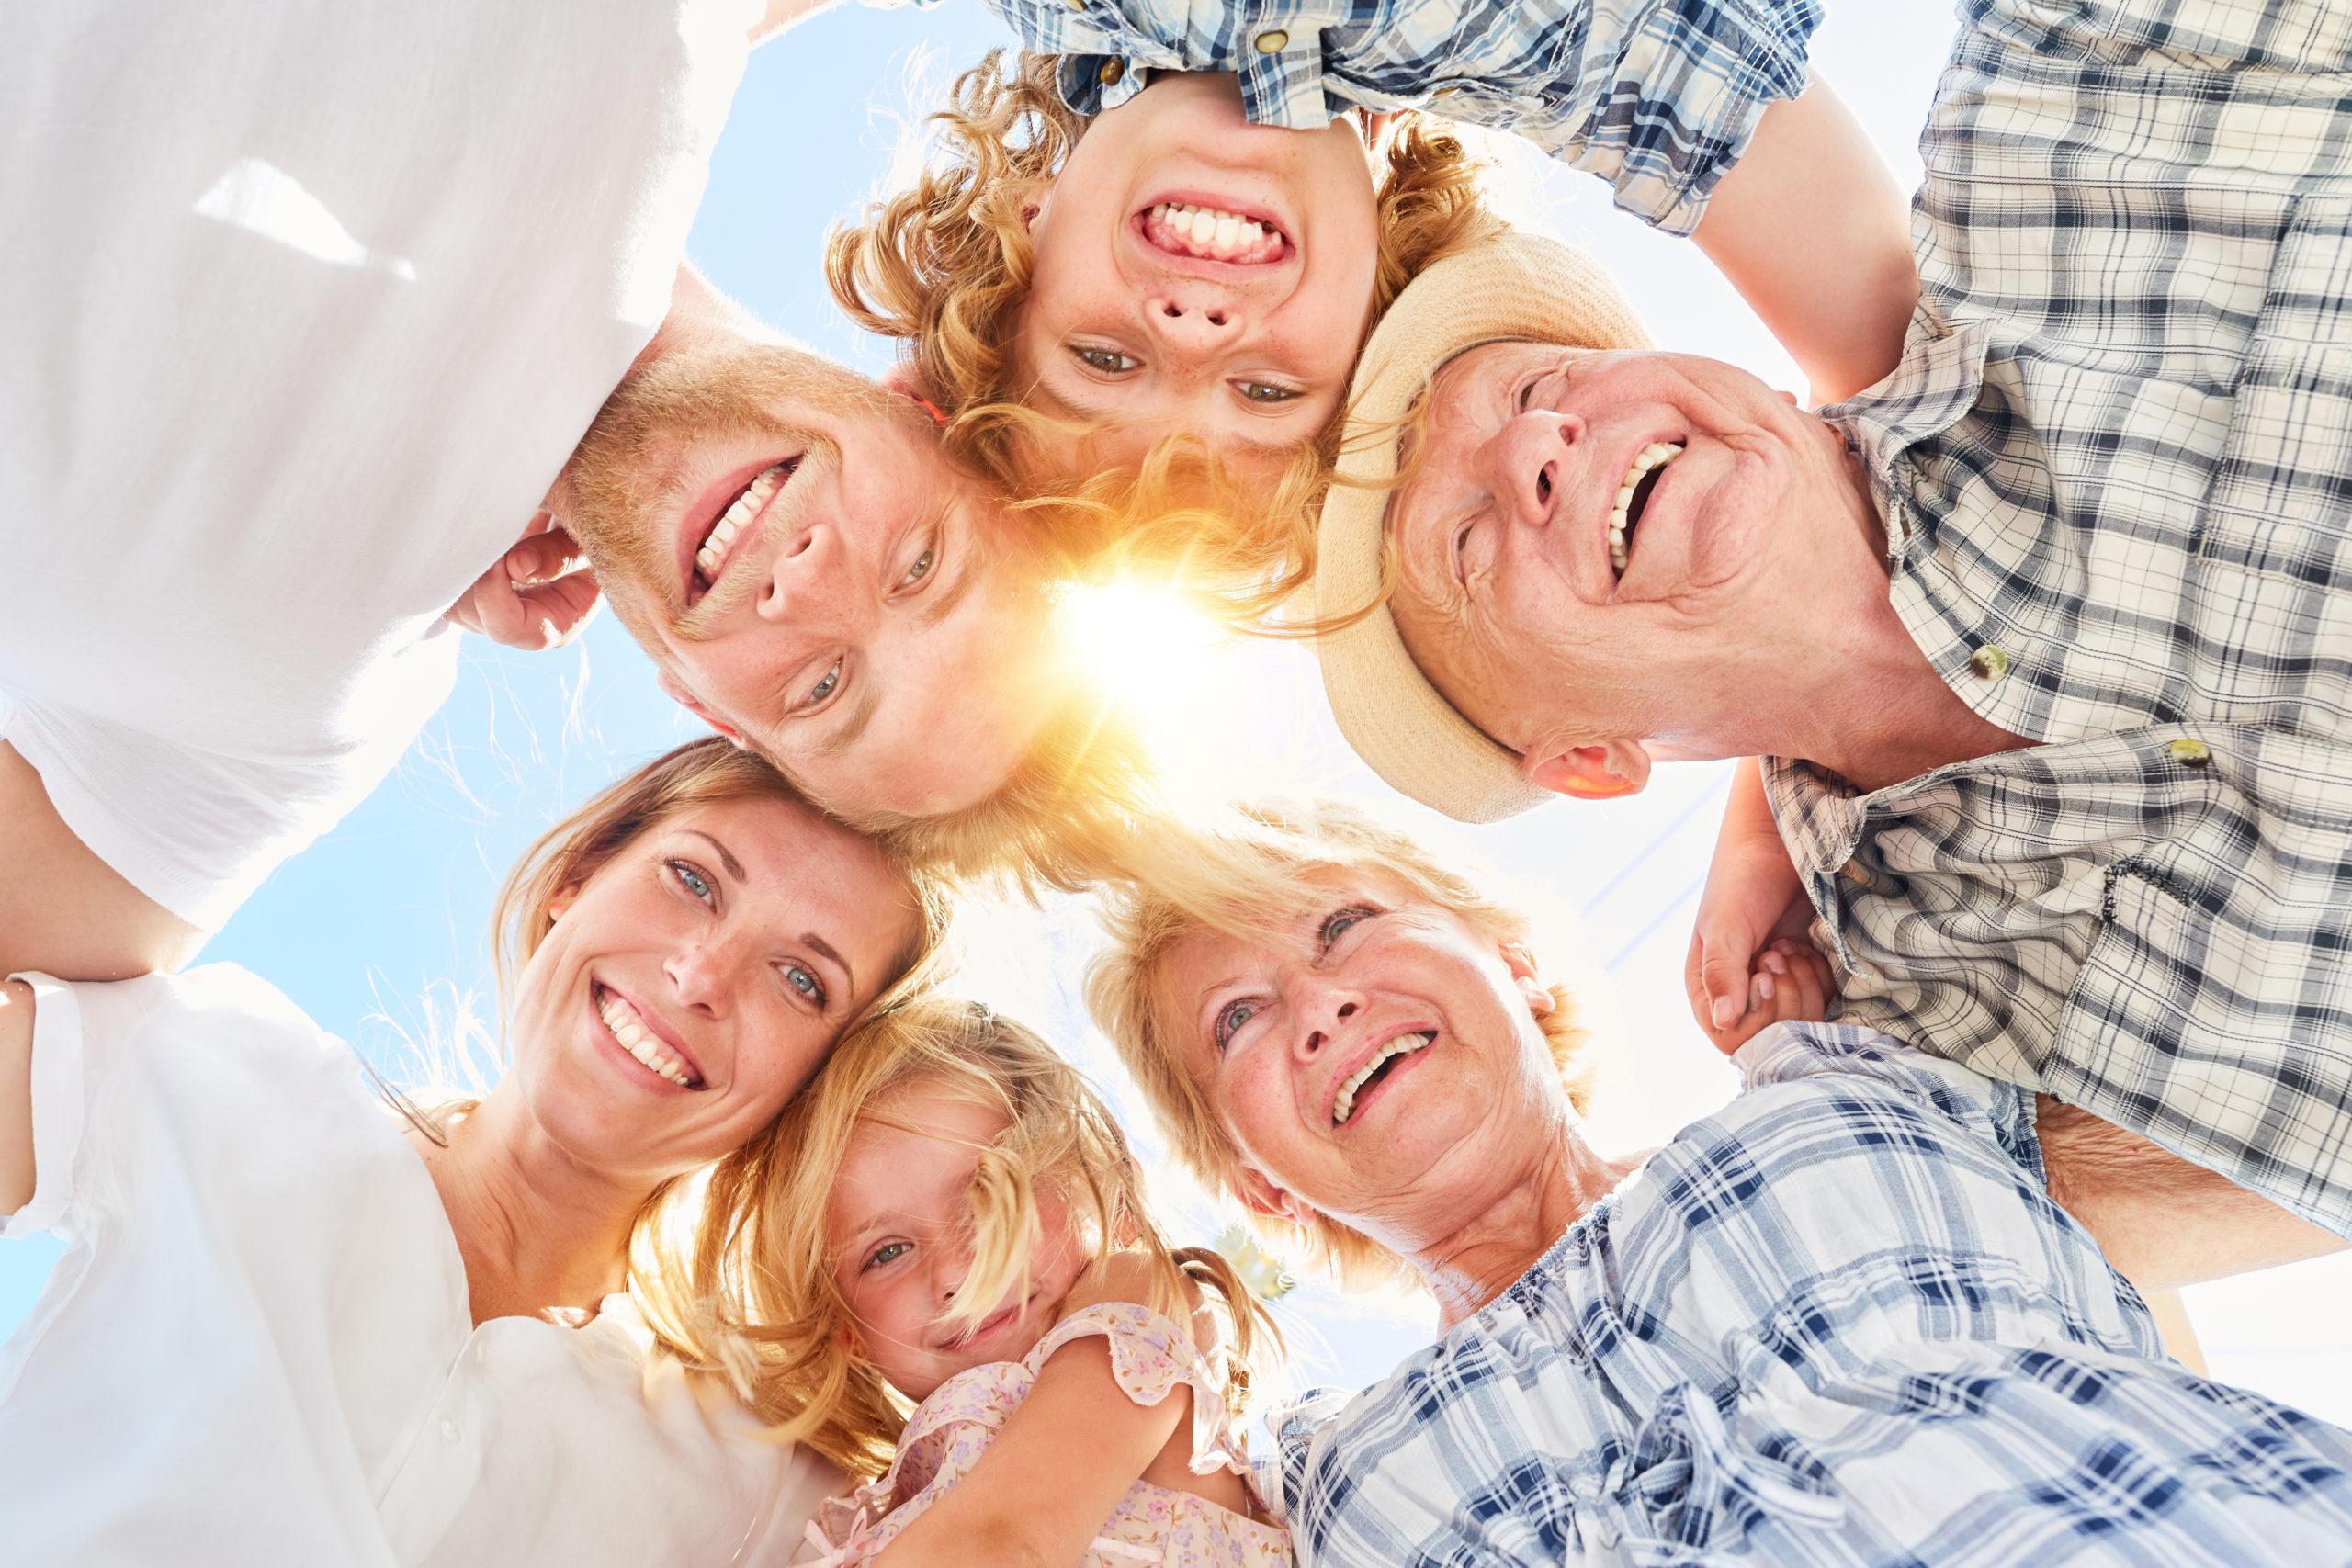 Des soins adaptés pour retrouver notre bien-être à tout âge